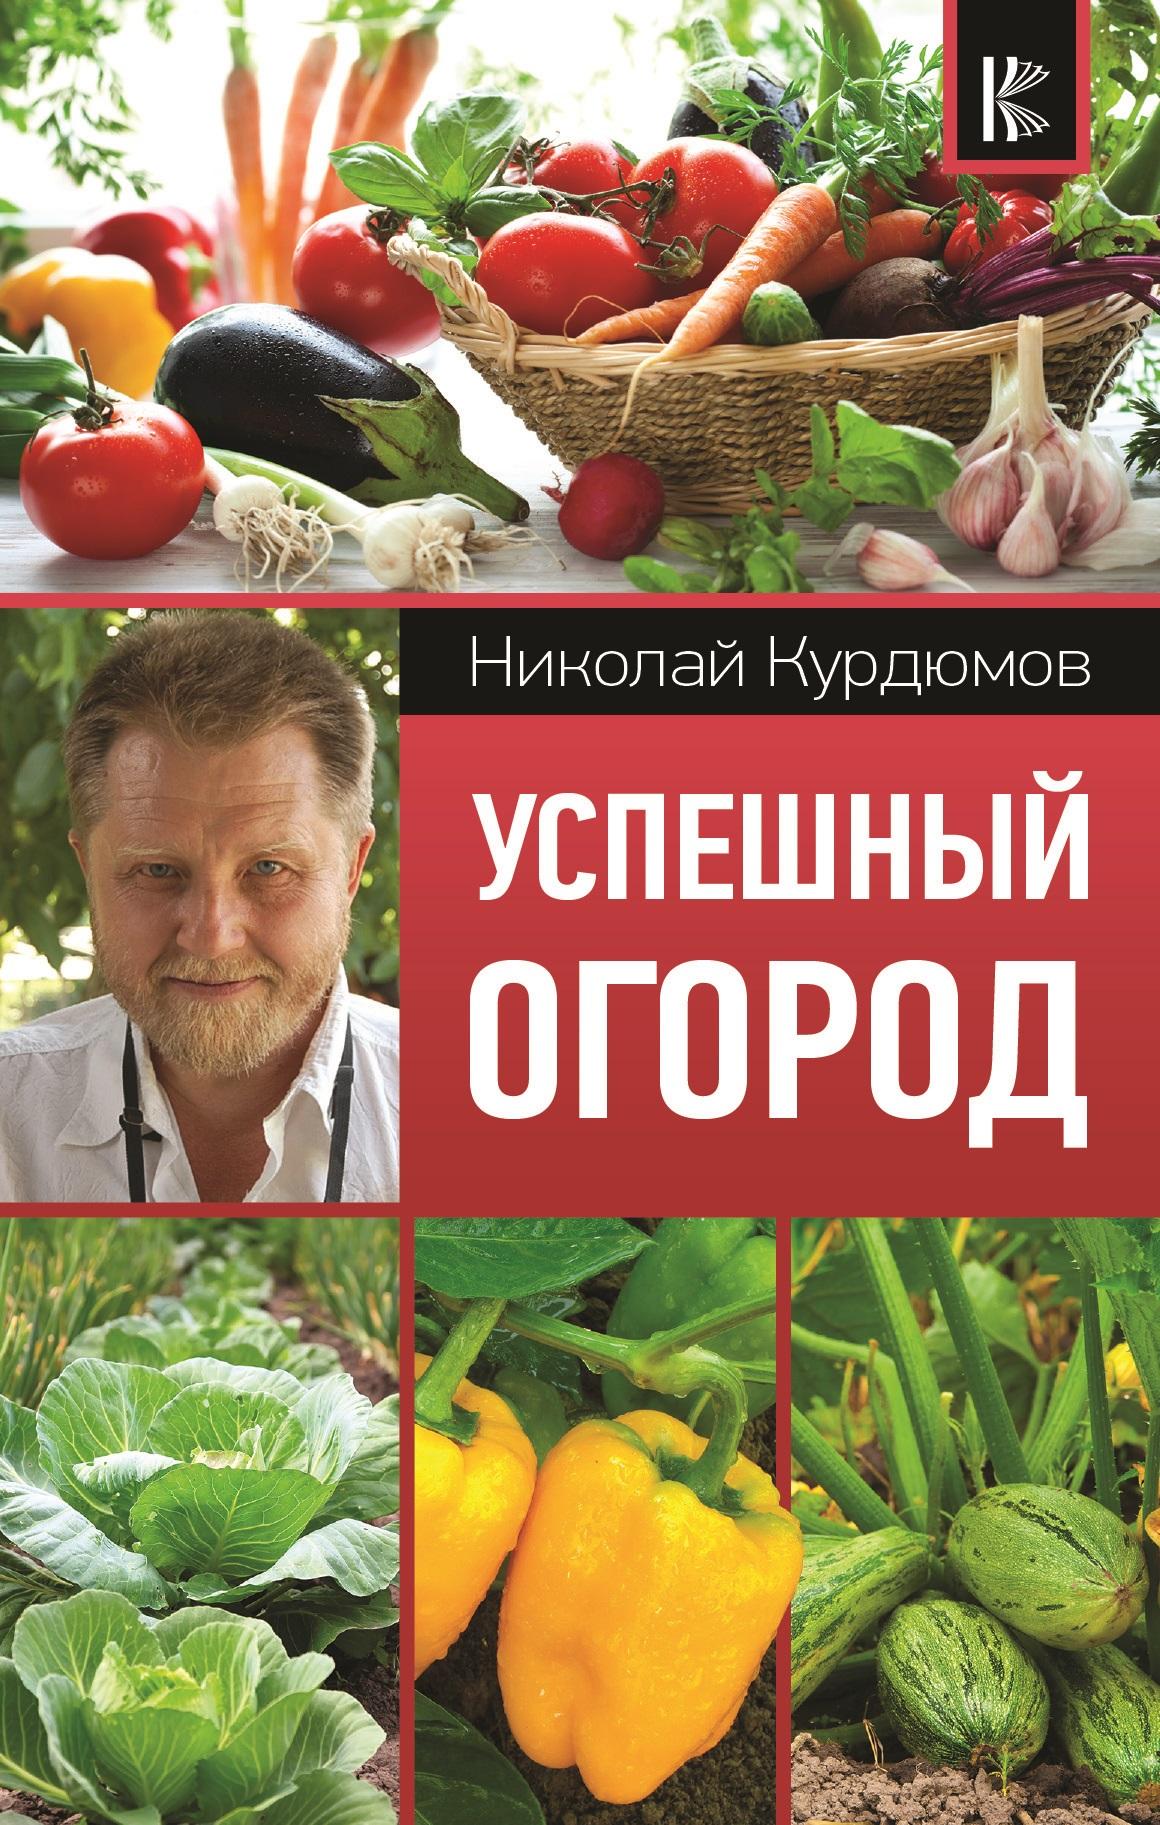 Николай Курдюмов Успешный огород